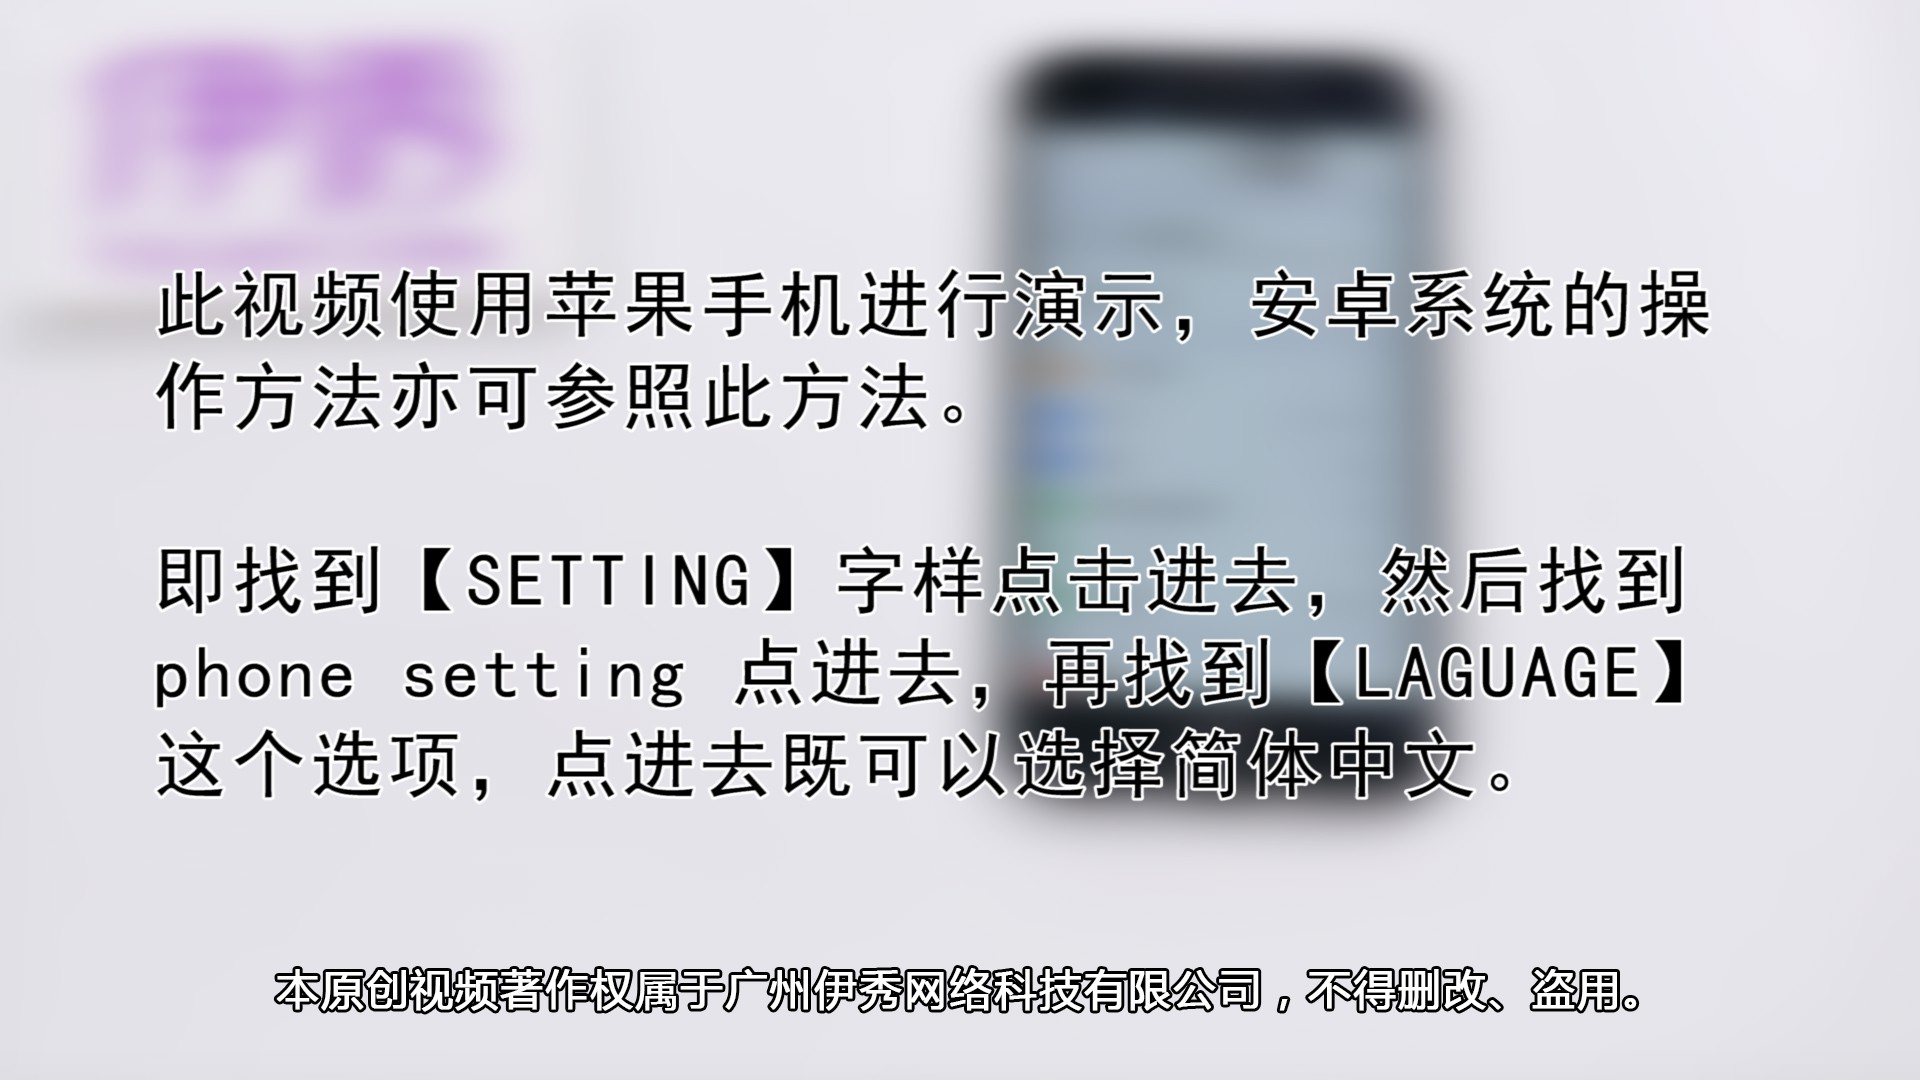 手机恢复中文了就学华为一看变成英文手机录音通话后保存在哪里找到图片